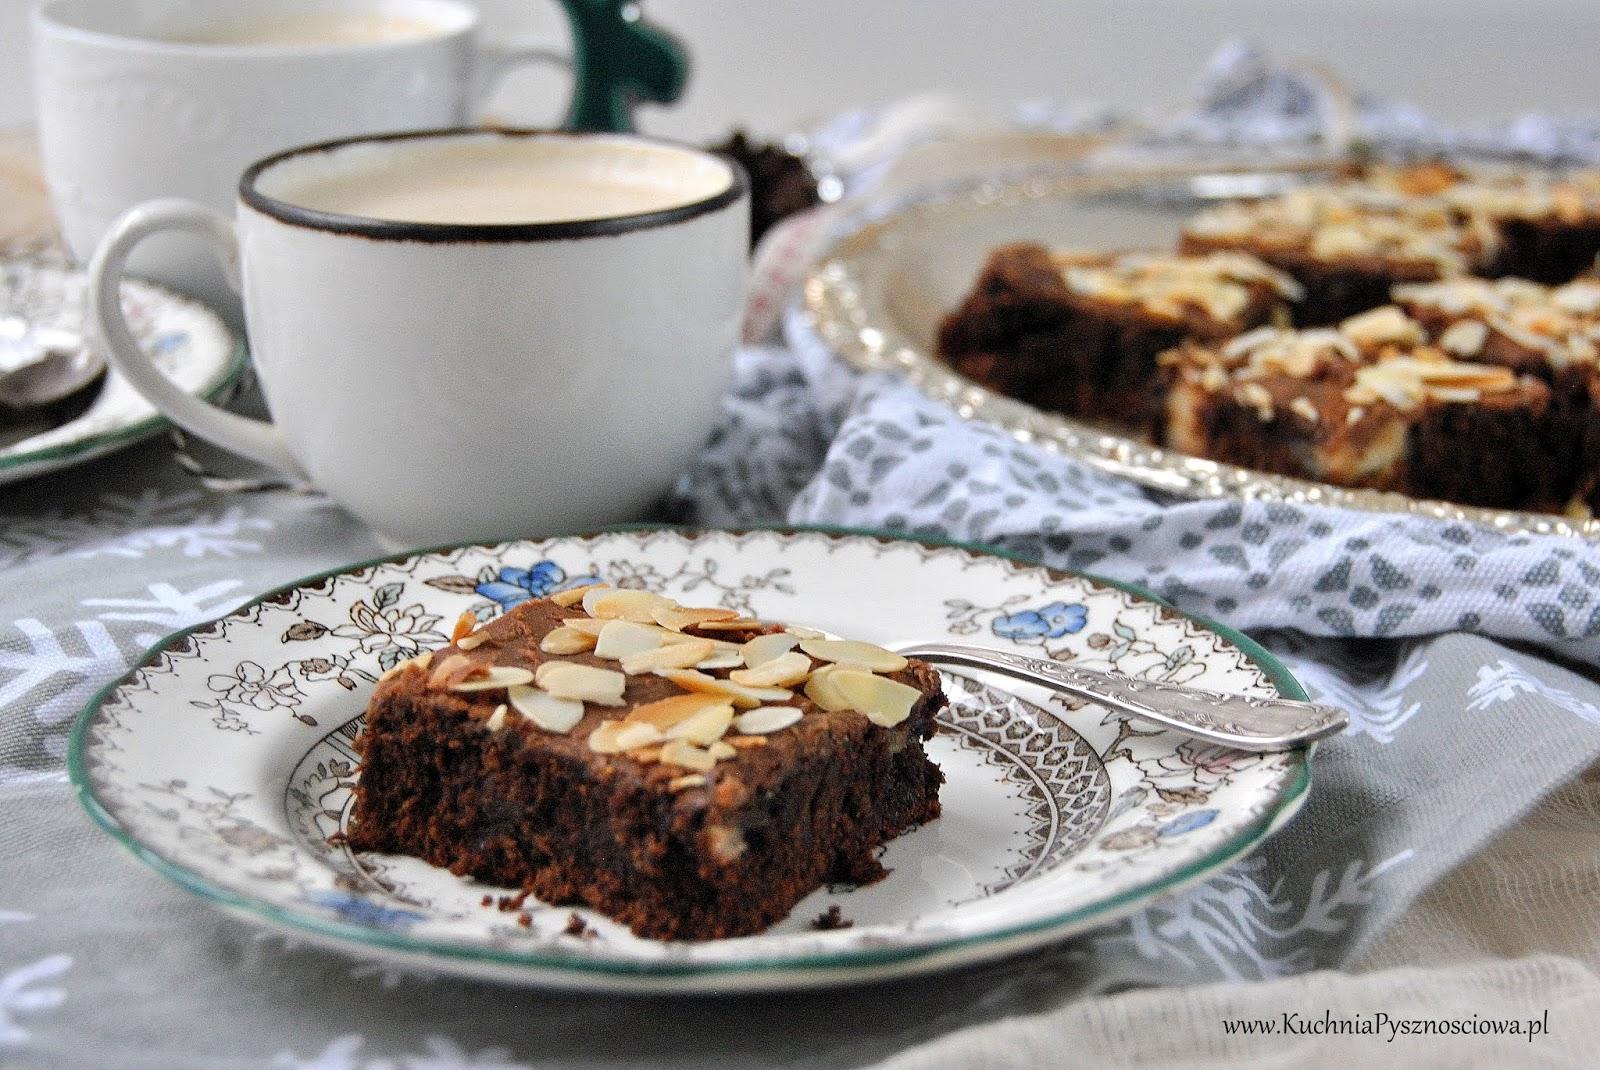 659. Świąteczne ciasto czekoladowe z makiem i marcepanem